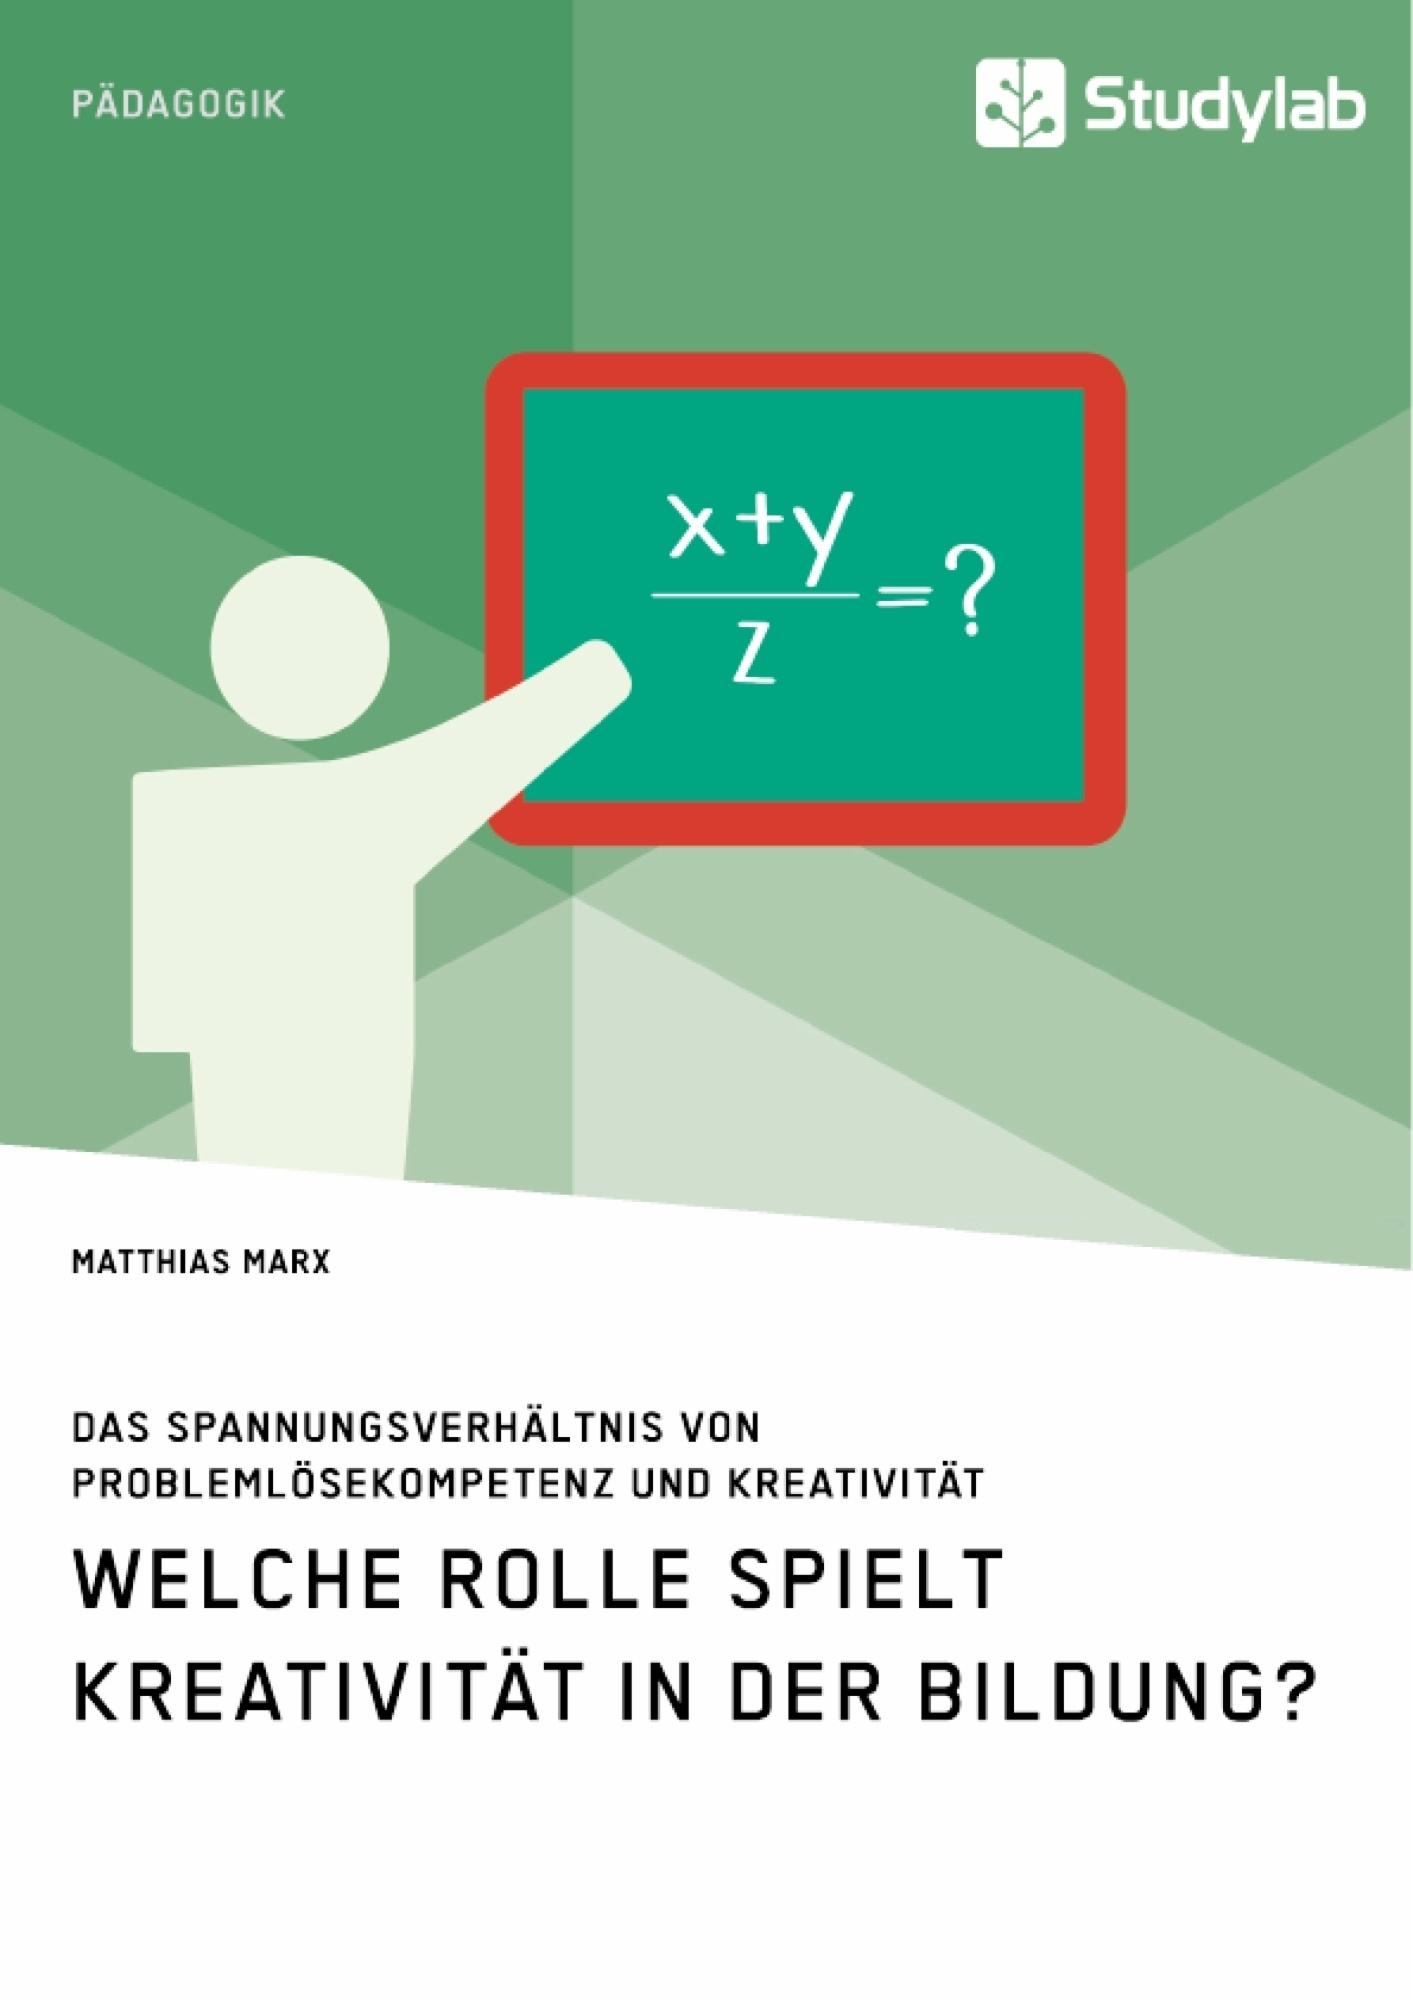 Titel: Welche Rolle spielt Kreativität in der Bildung? Das Spannungsverhältnis von Problemlösekompetenz und Kreativität